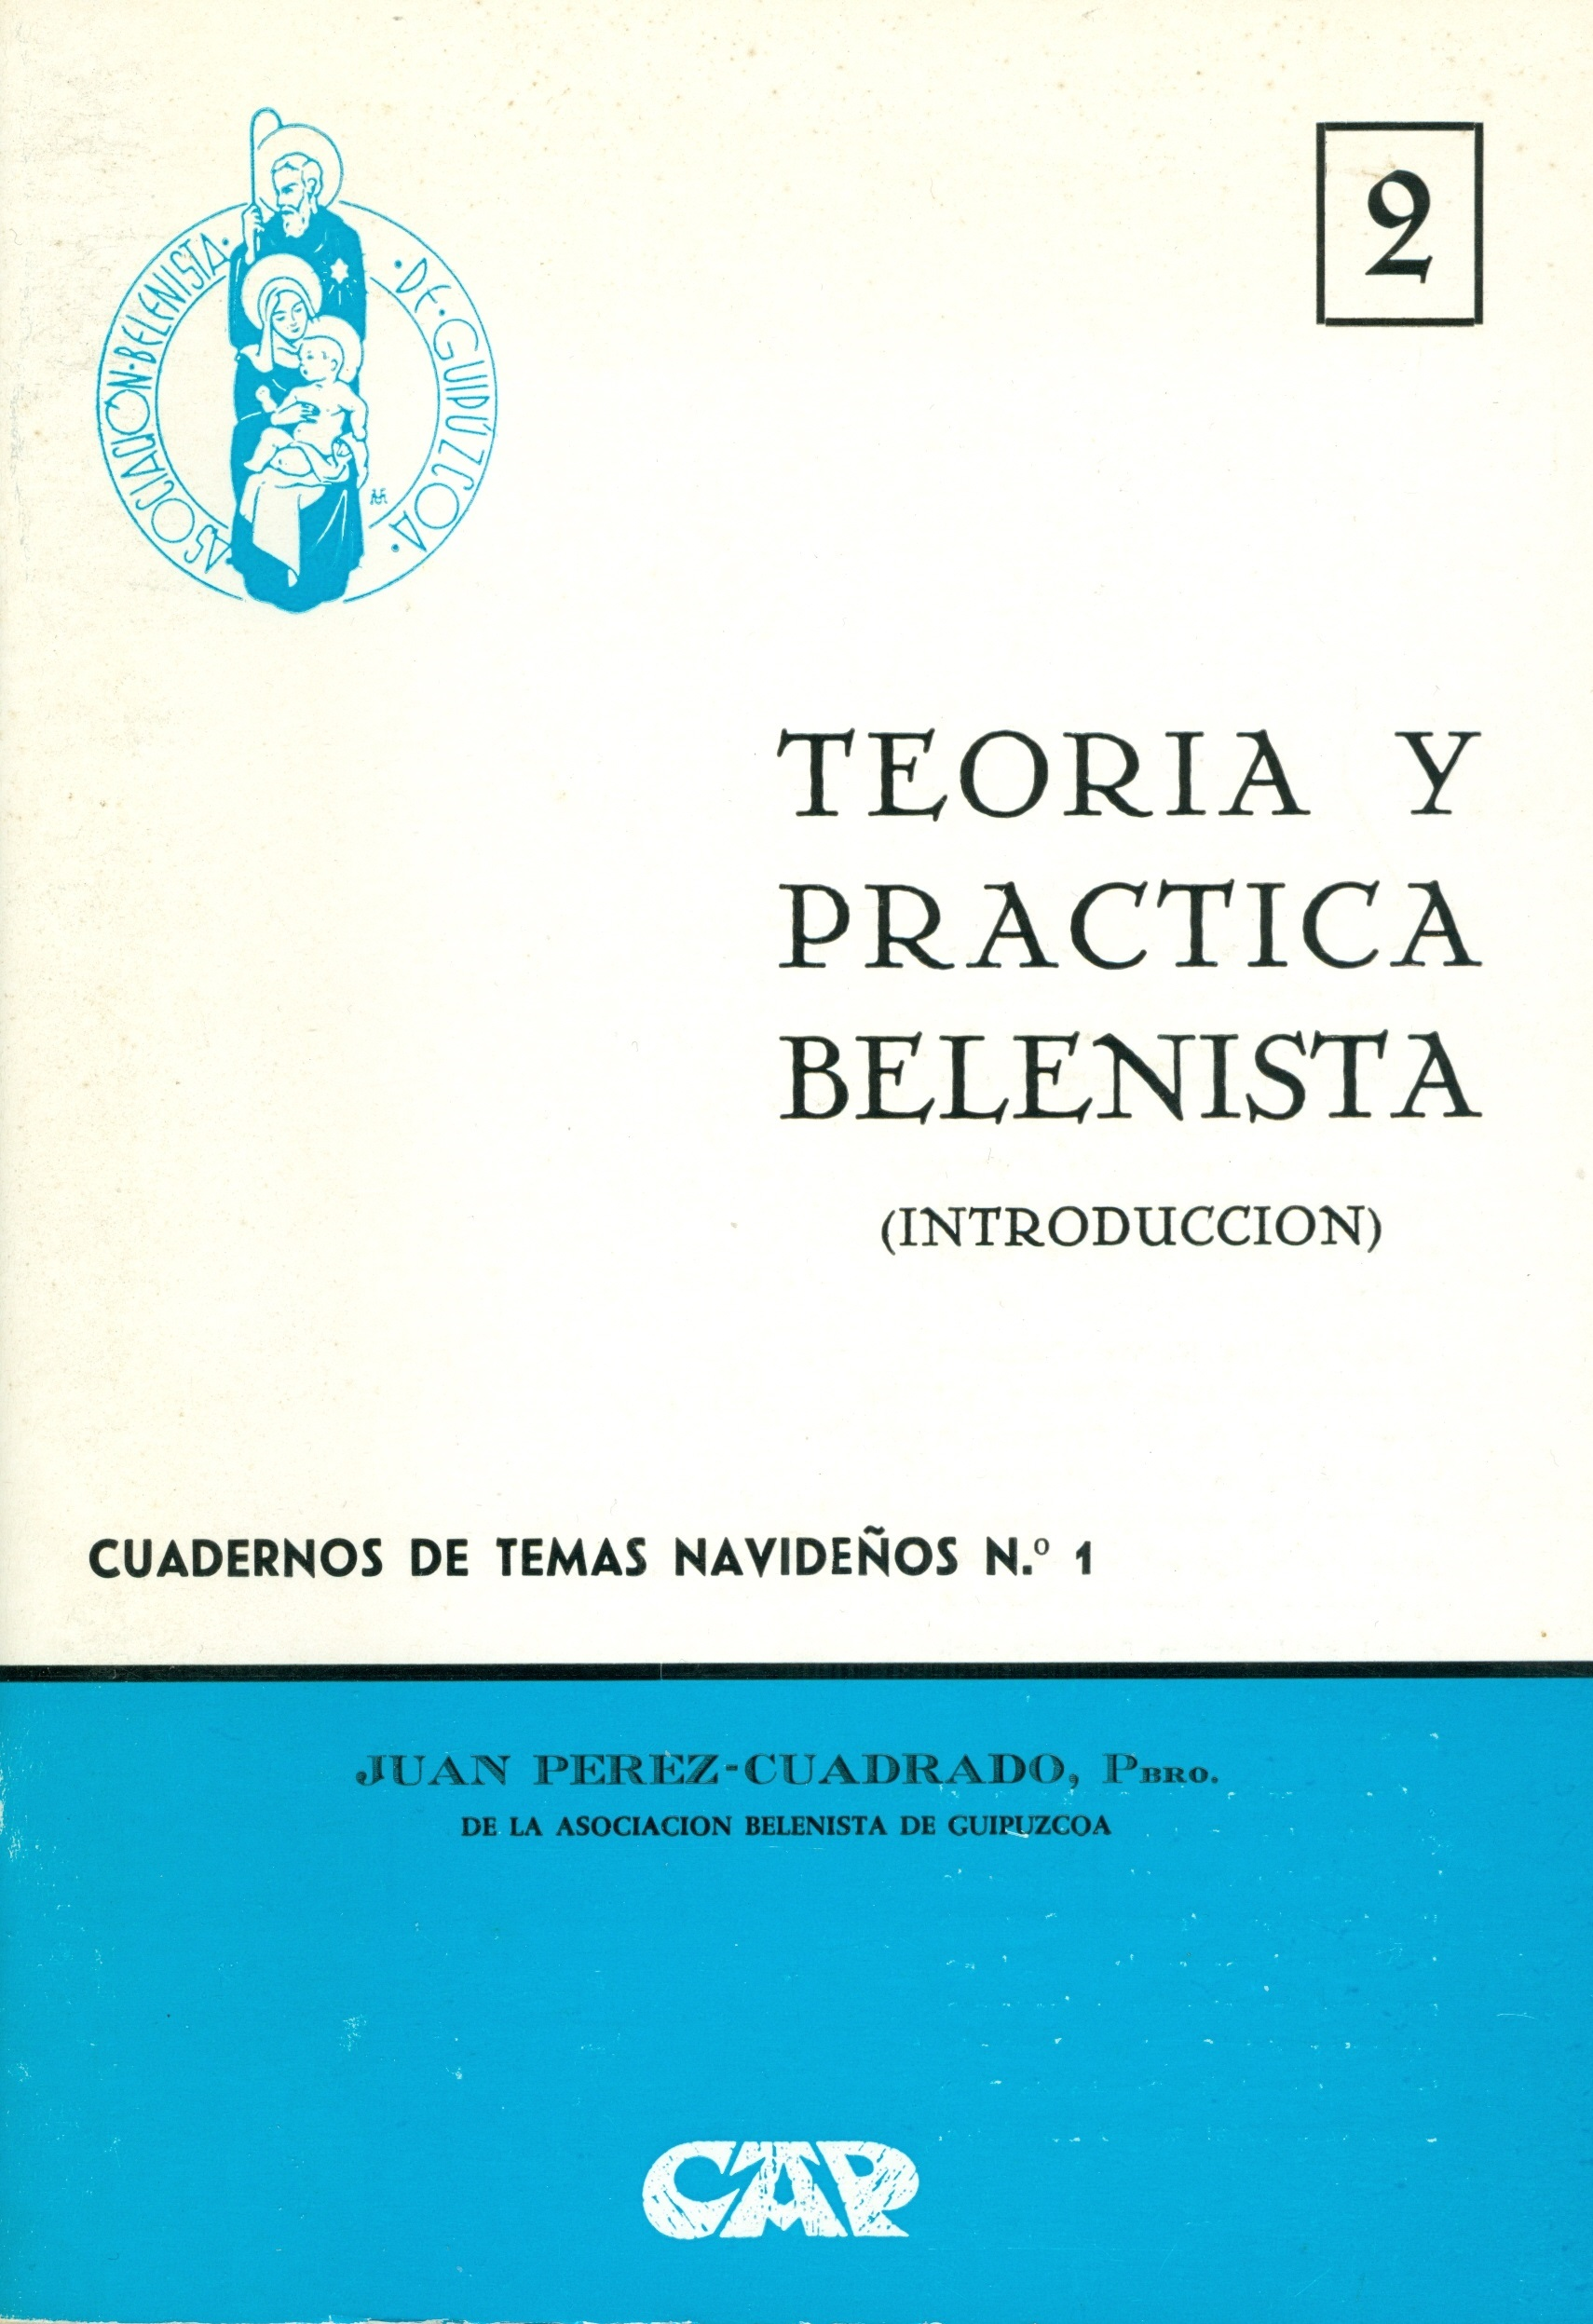 """Portada del Cuaderno de Temas Navideños nº 1, """"Teoría y práctica belenista (Introducción)"""" escrito por Juan Pérez-Cuadrado y editado por la Asociación Belenista de Guipúzcoa (1973)"""